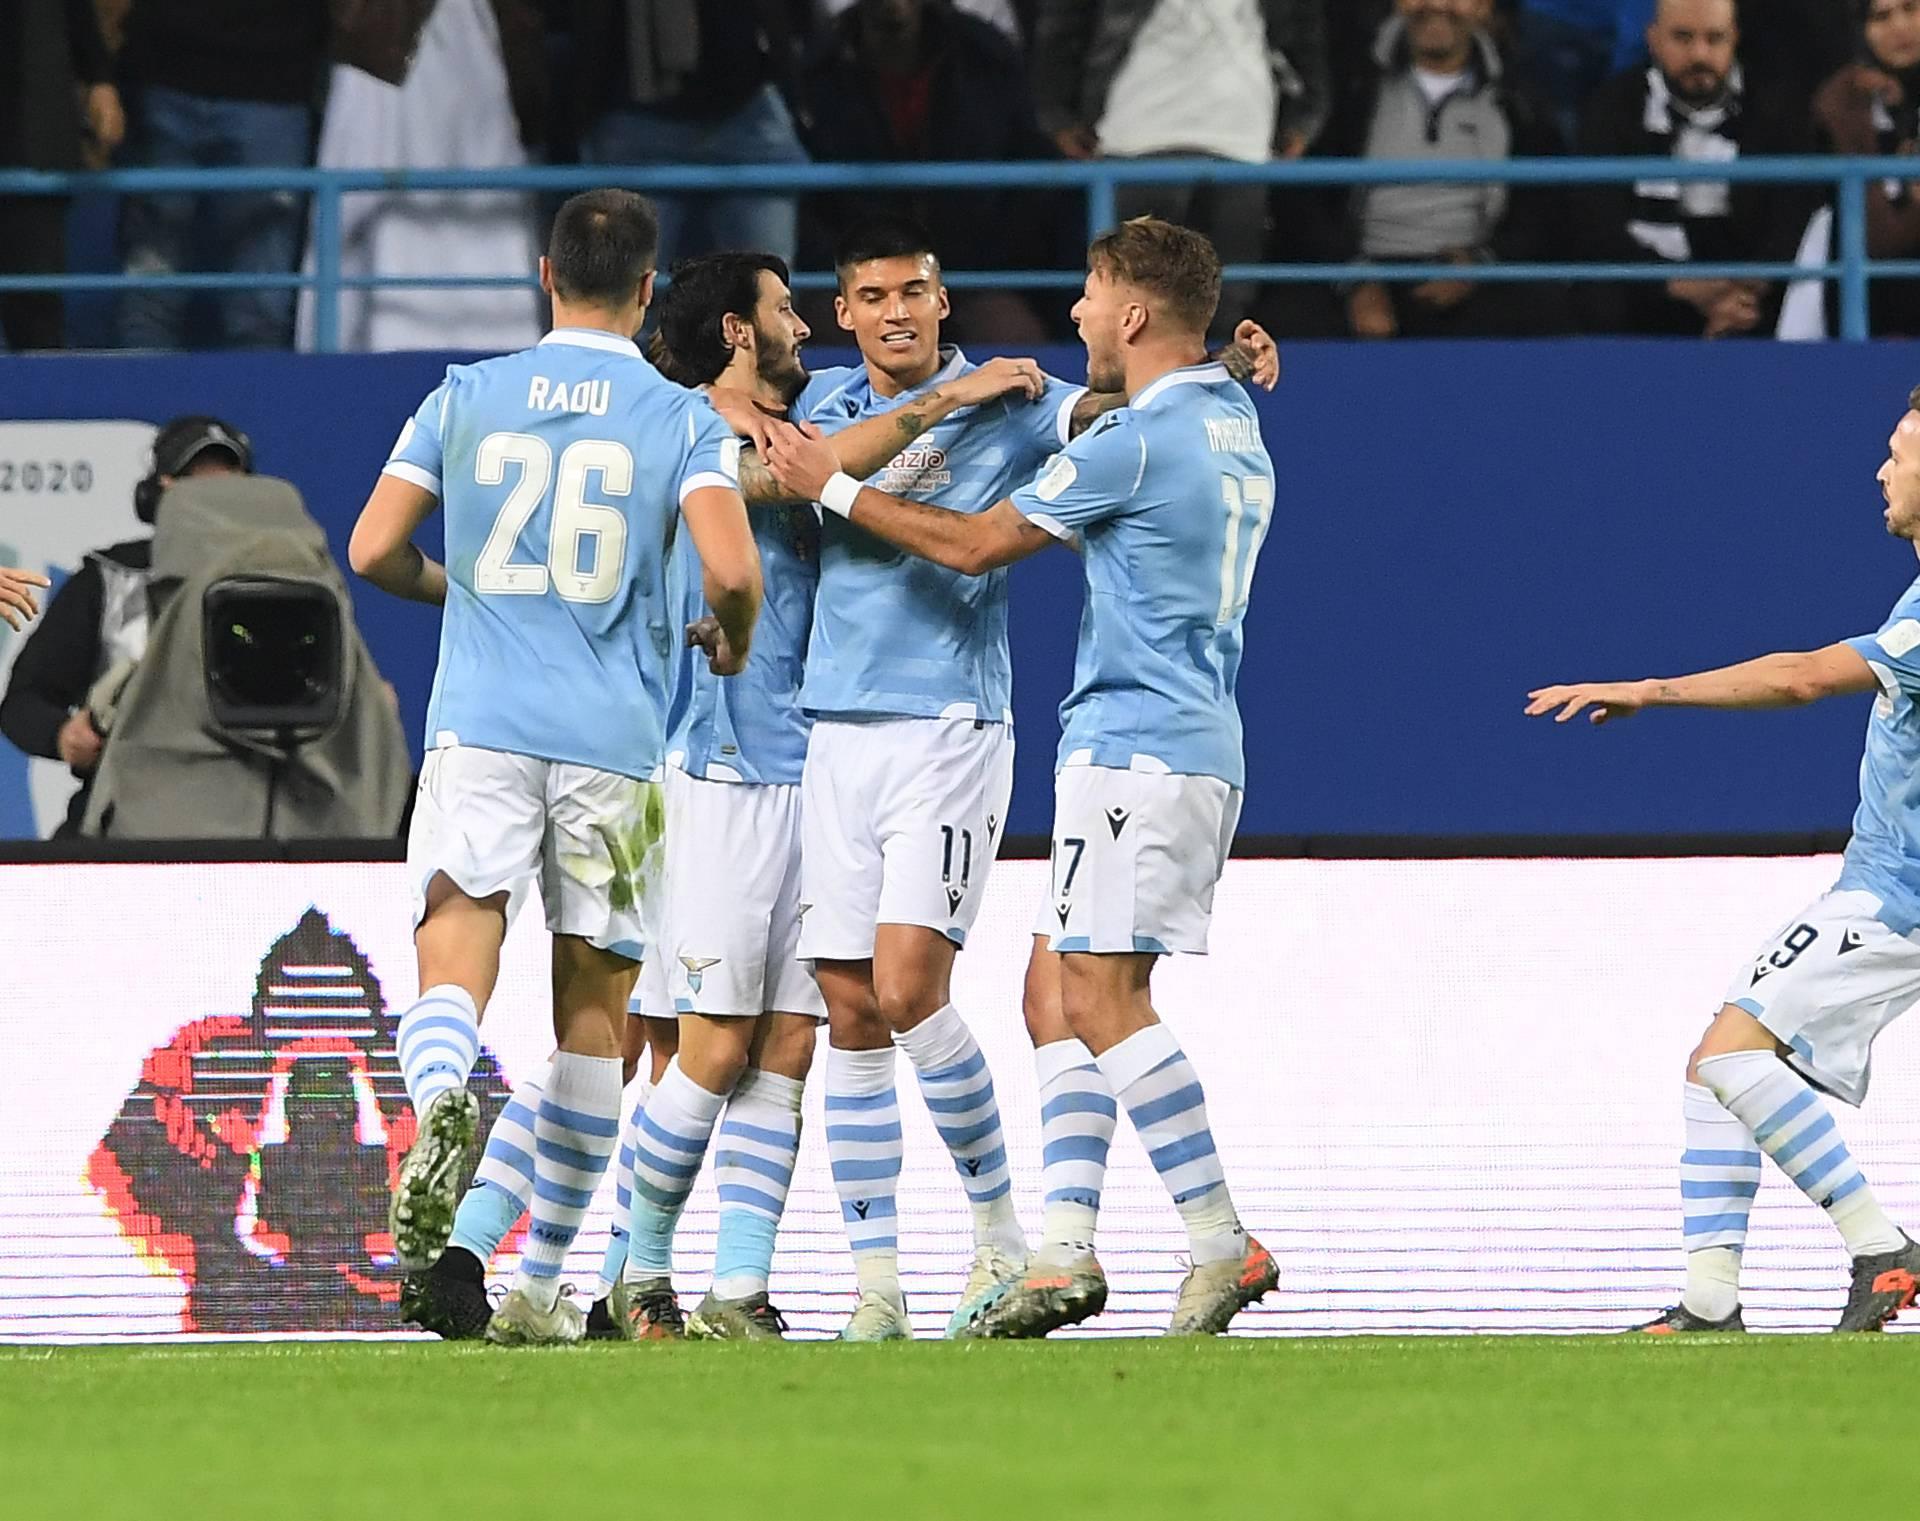 Italian Super Cup - Juventus v Lazio